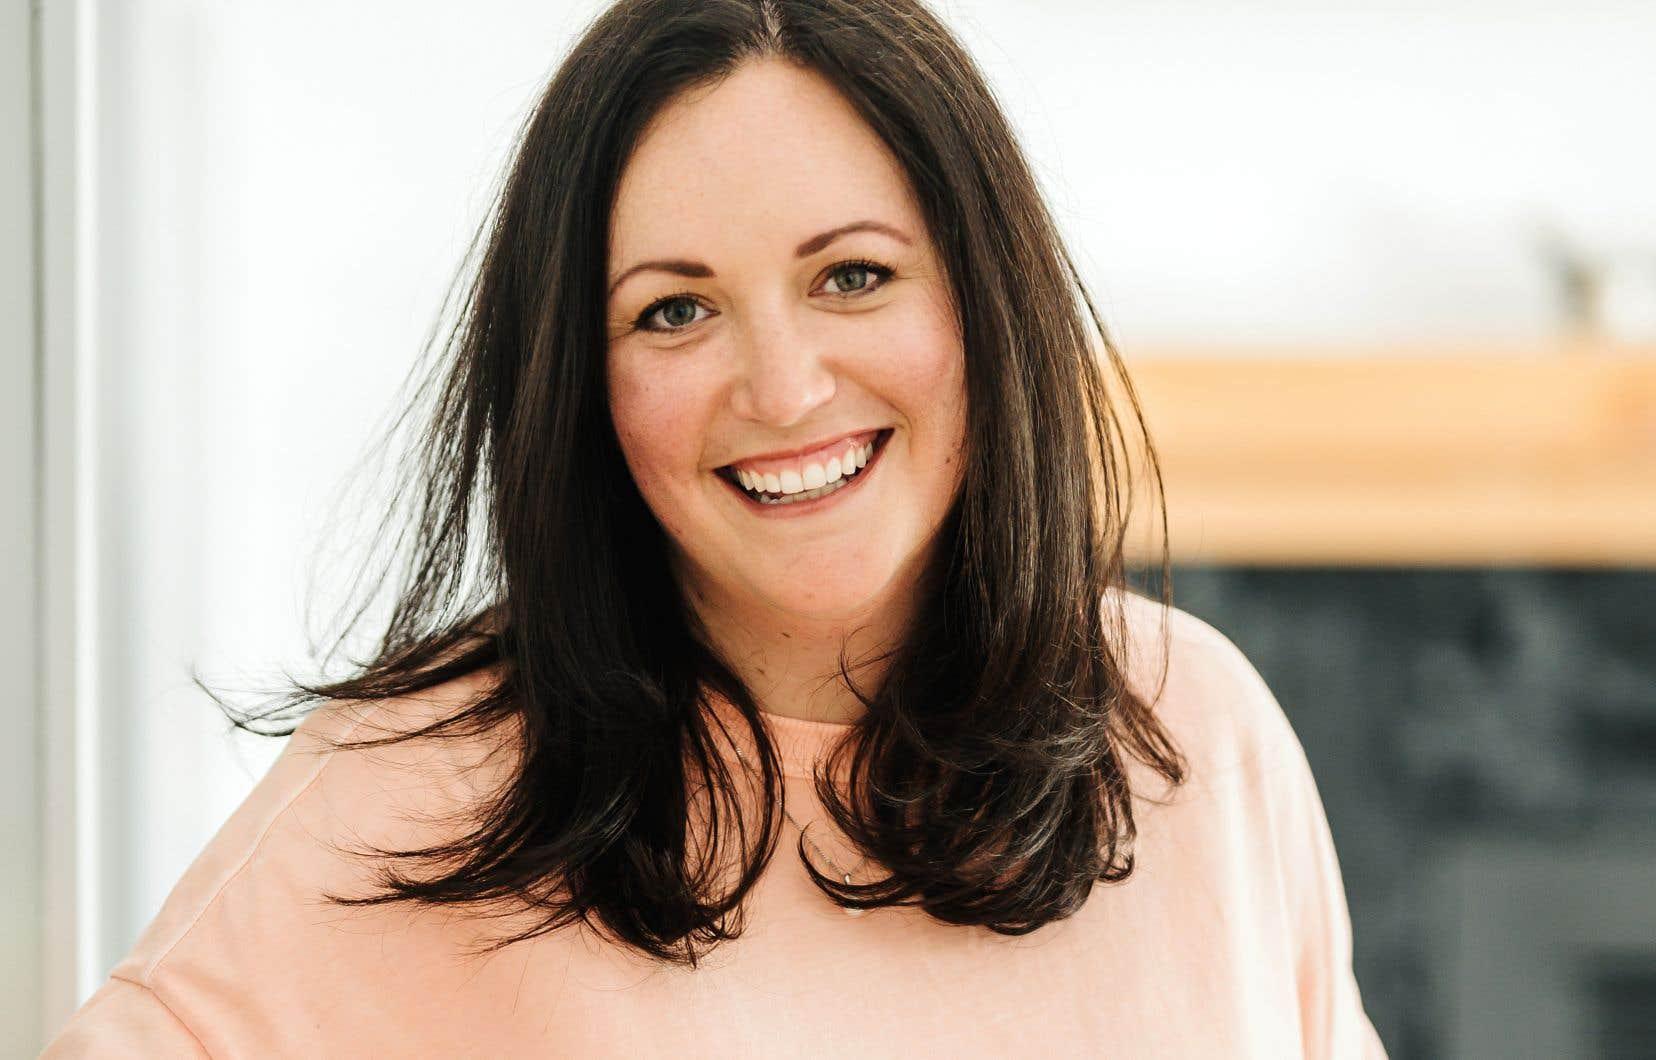 Mélanie Magnan, nutritionniste, fondatrice de Nutrimini et autrice du livre «Boîte à lunch».